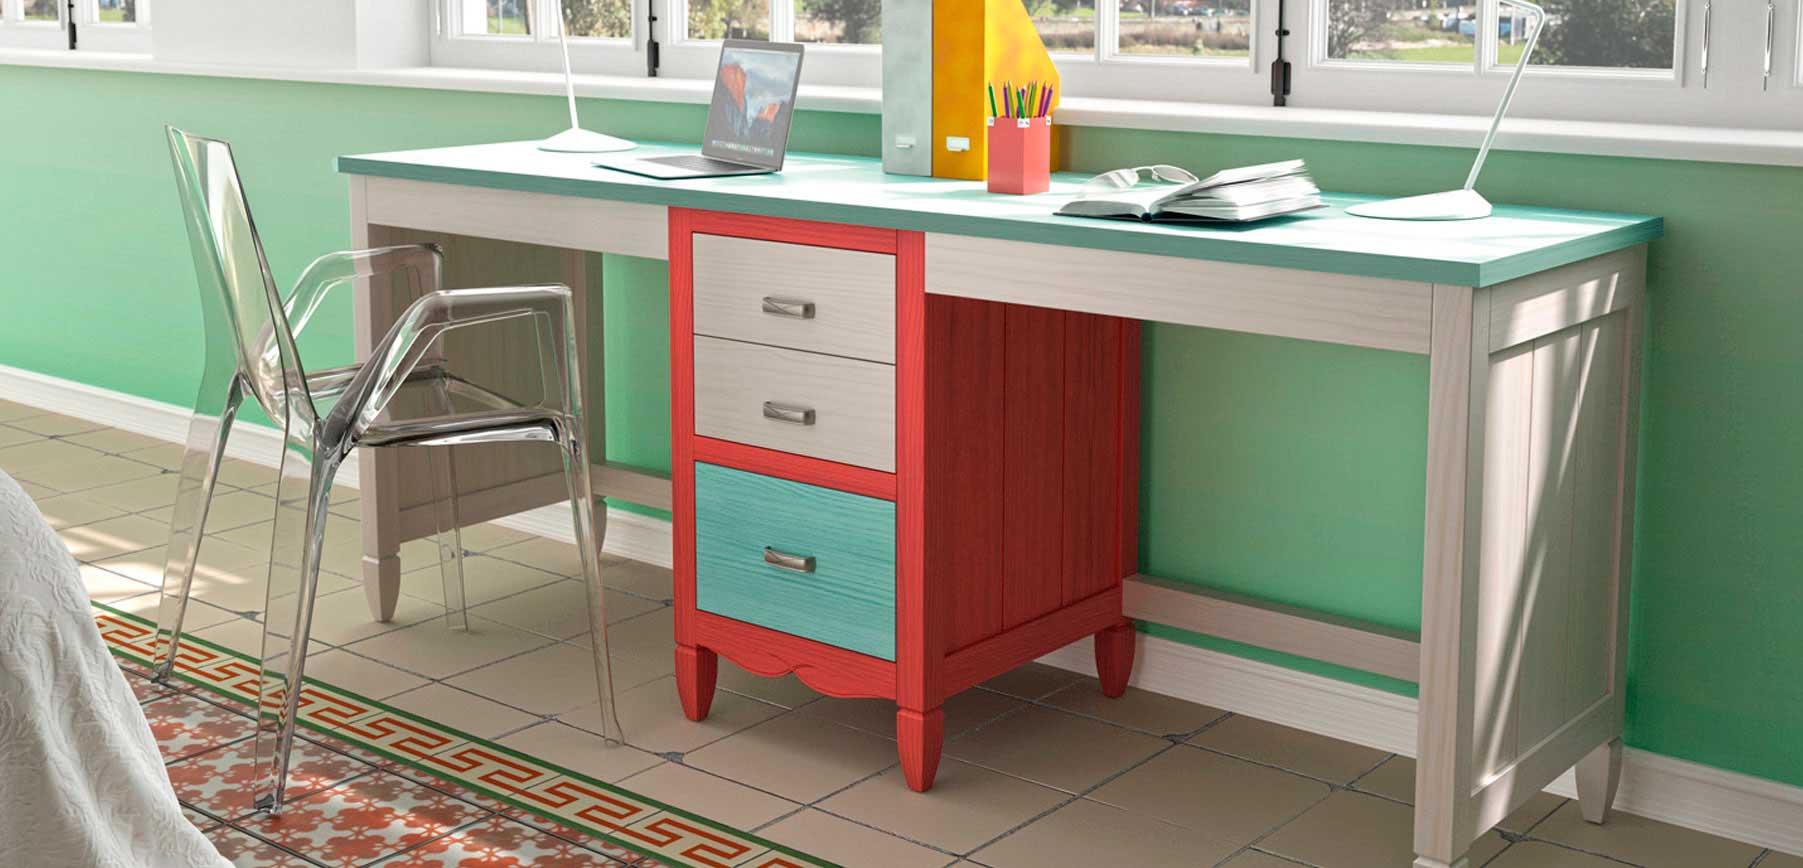 Muebles GRUPOSEYS - Muebles de Comedor, Dormitorios y Juveniles | Furniture | Meubles | мебель seys-6-optim Inicio